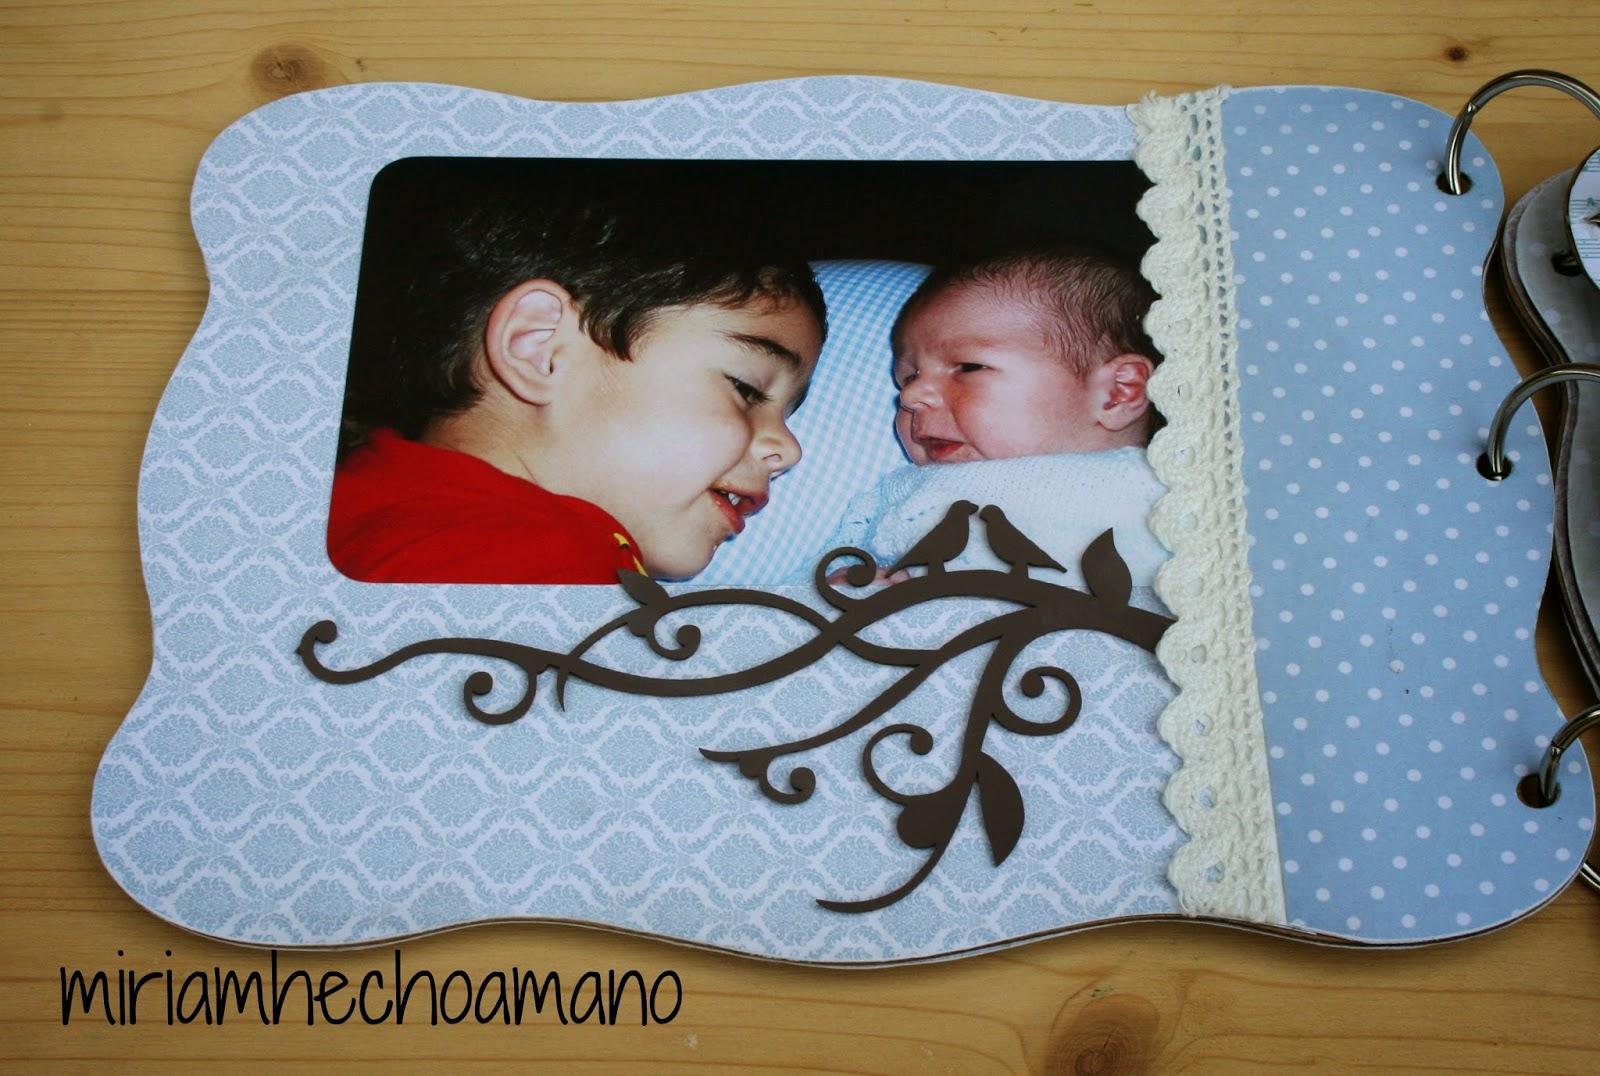 Miriam hecho a mano lbum de bebe para regalar - Como hacer un album de fotos a mano para ninos ...